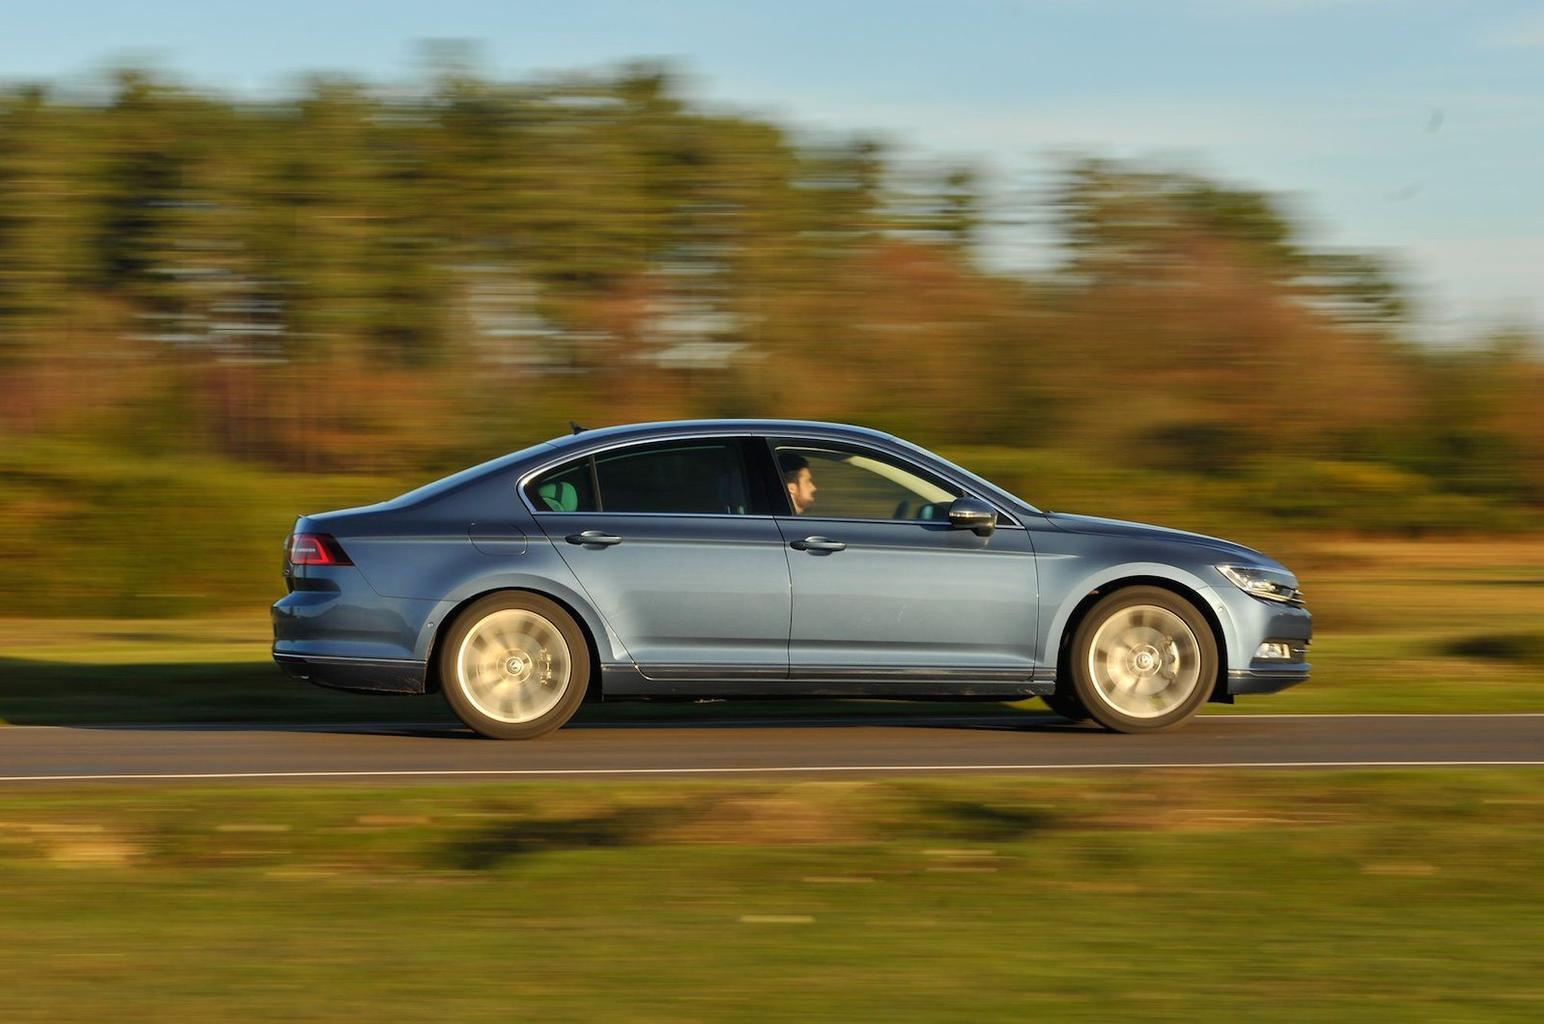 Volkswagen reveals Passat Bluemotion fuel economy figures